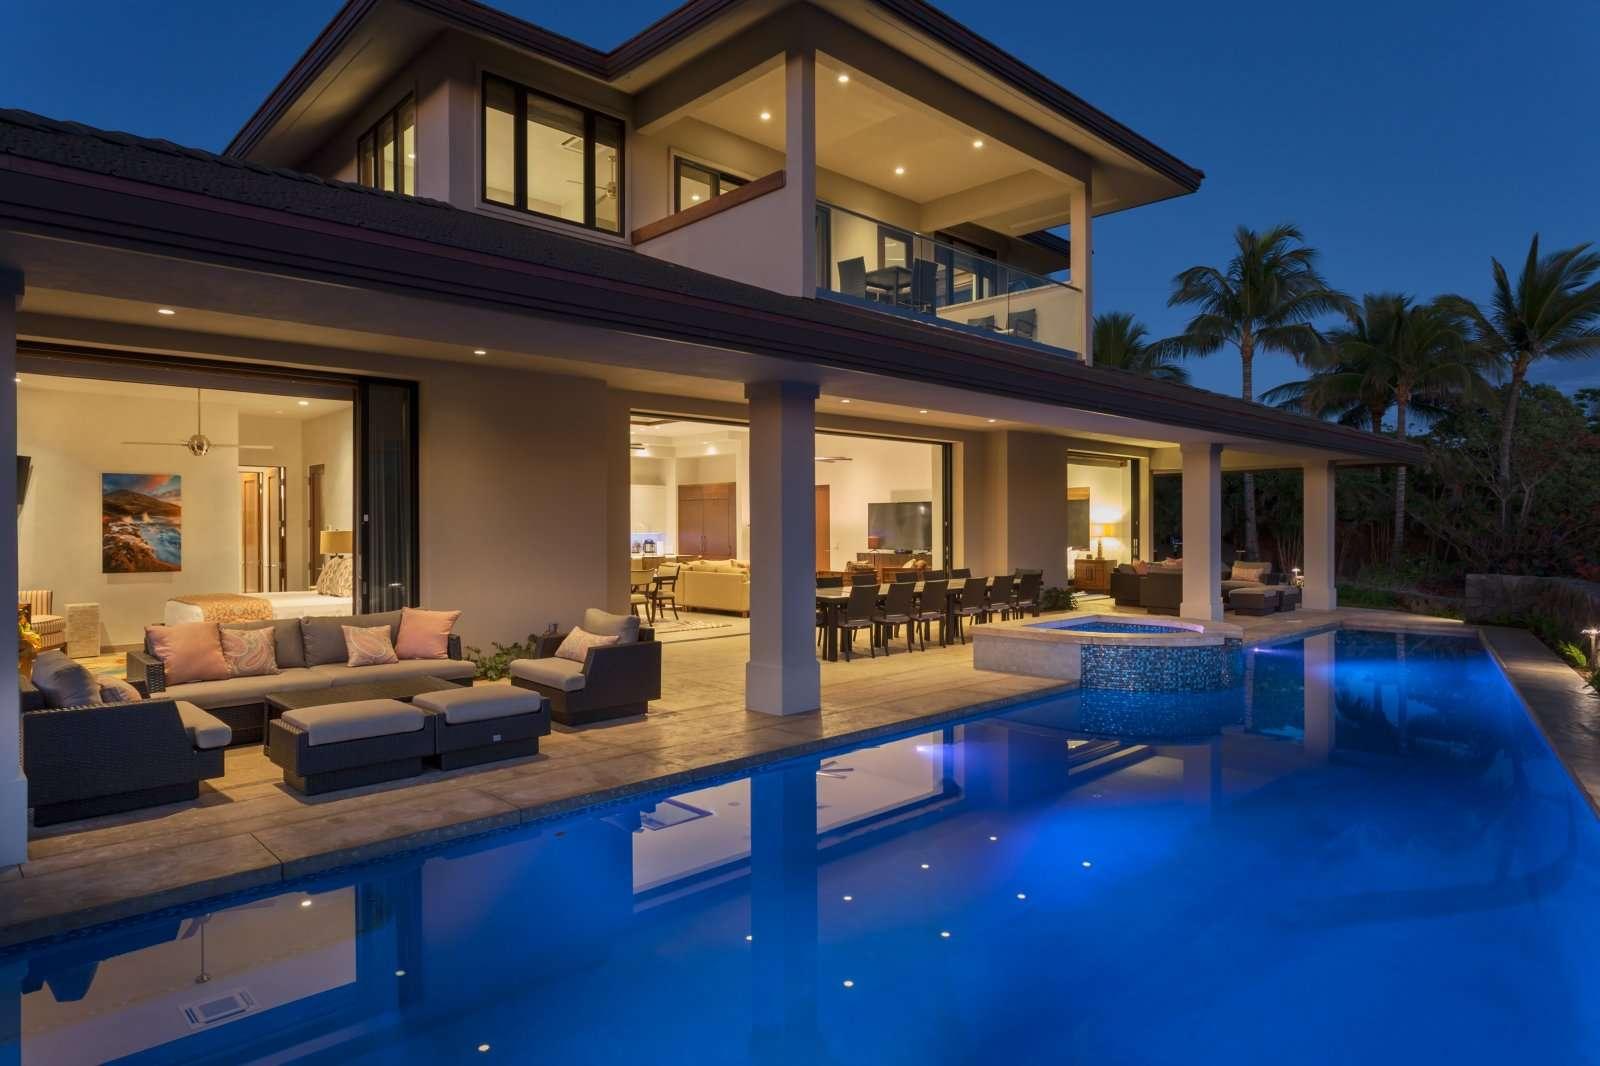 Luxury vacation rentals usa - Hawaii - Big island - Waikoloa beach - Waikoloa Oasis - Image 1/28